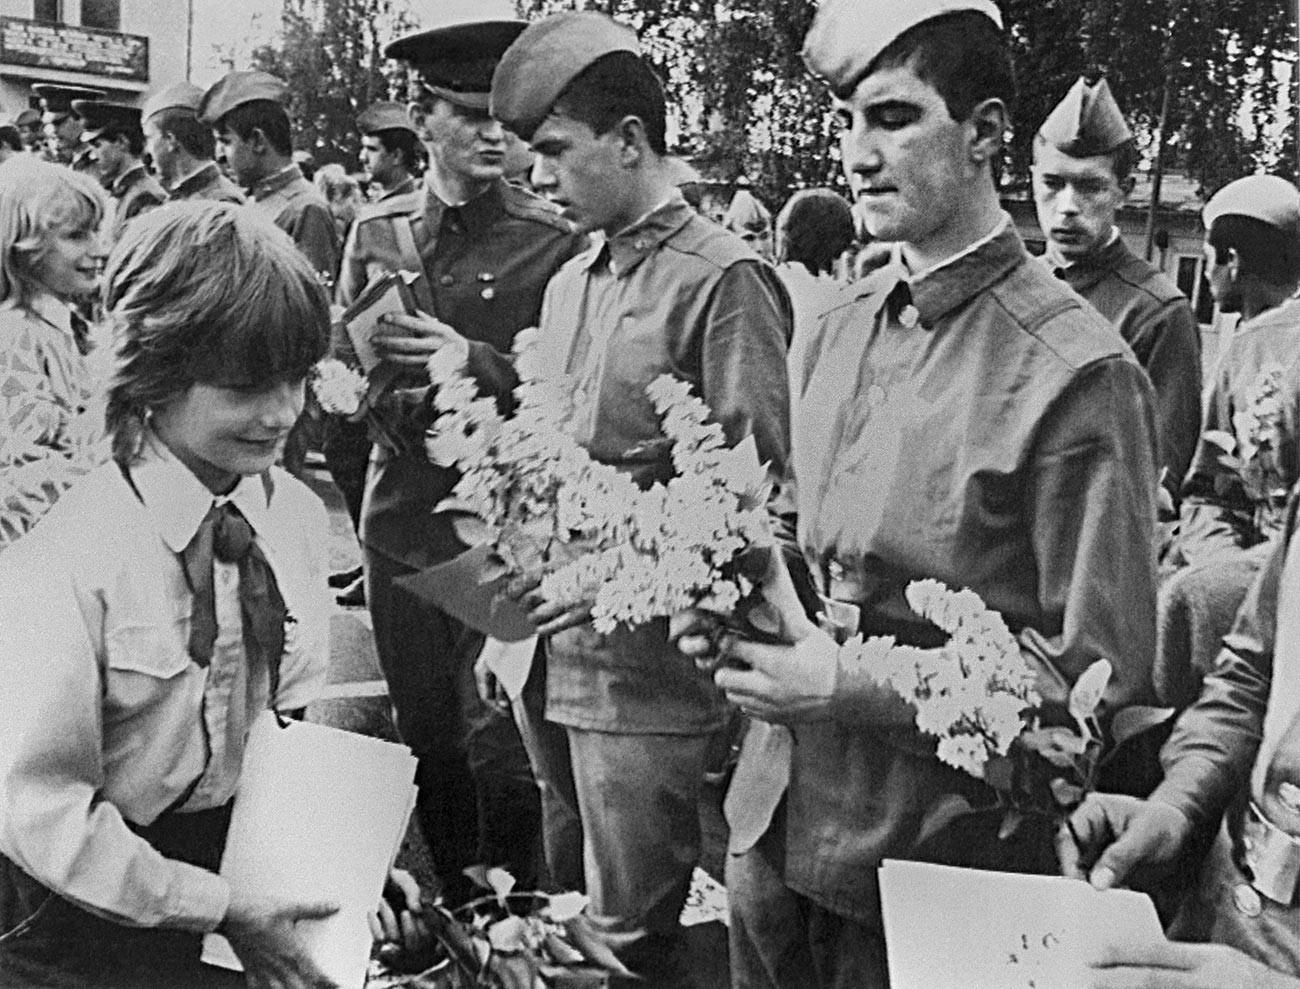 Повлачење совјетских трупа из Чехословачке, 1989. Пионири из локалне школе топло се поздрављају са совјетским војницима.